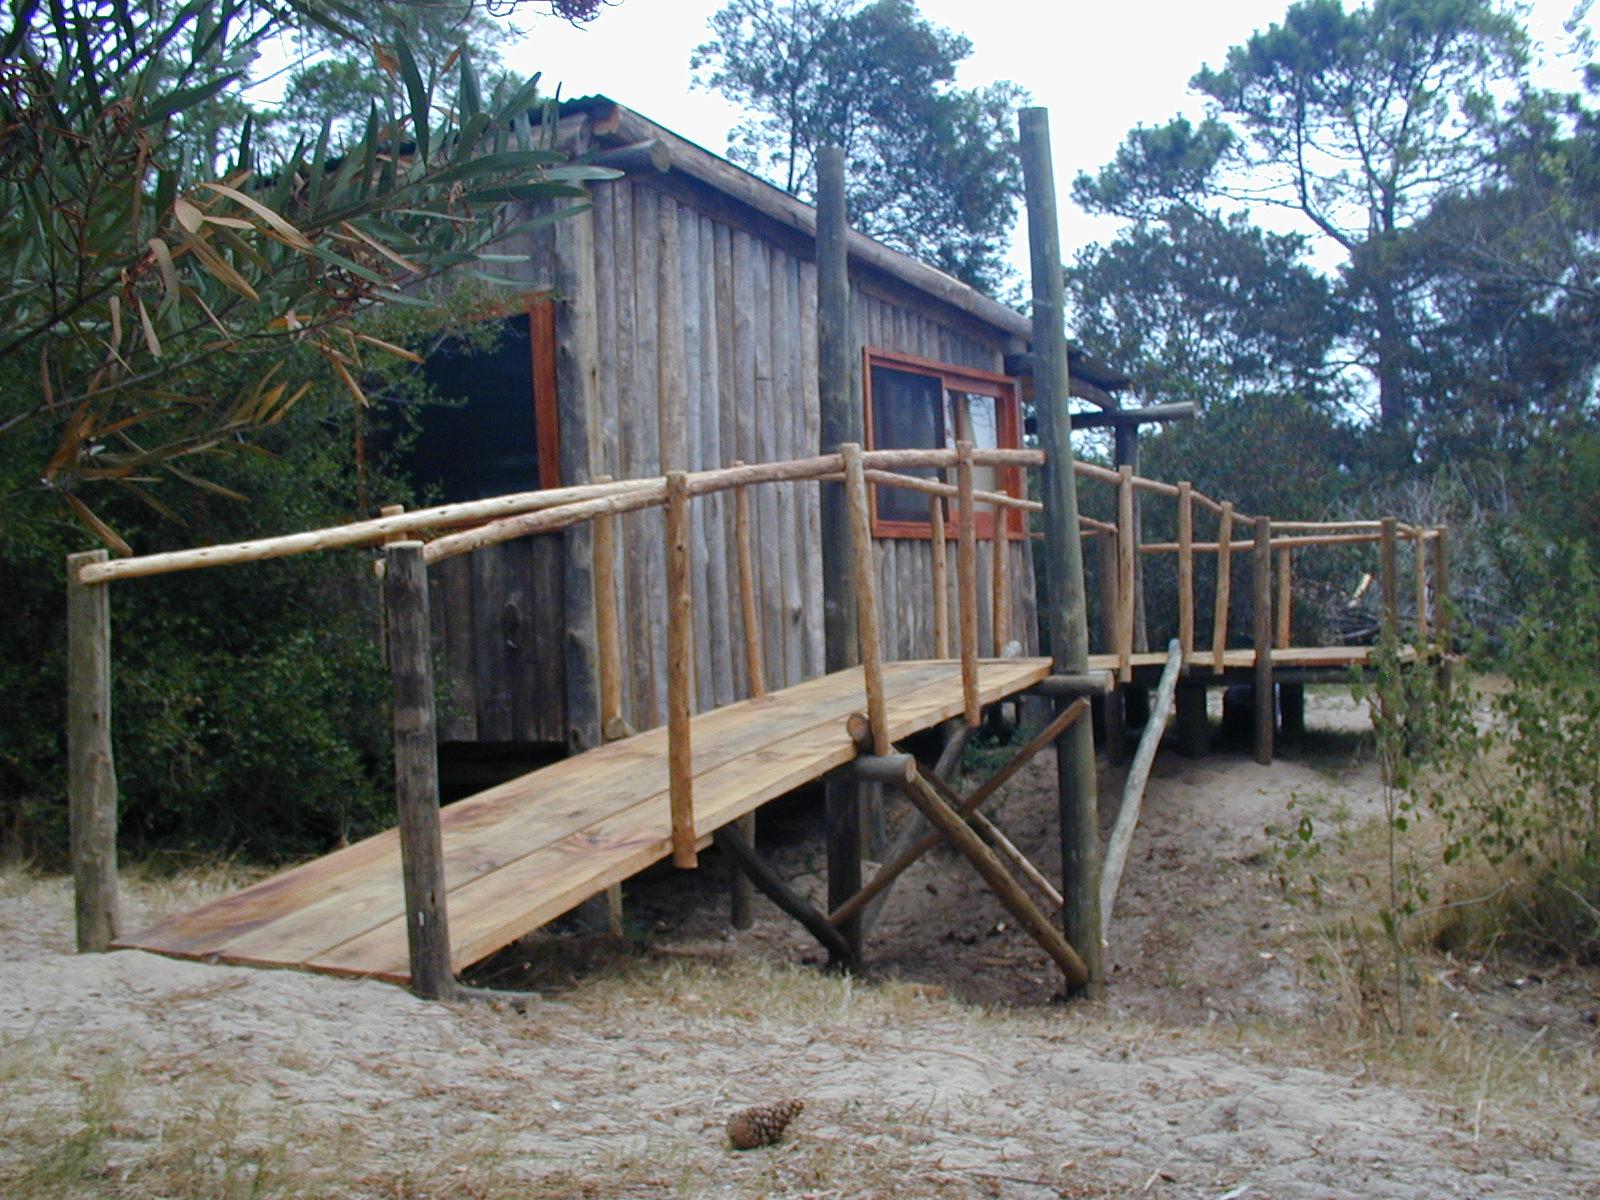 Construcciones en madera caba a de costanero canteado - Cabanas de madera pequenas ...